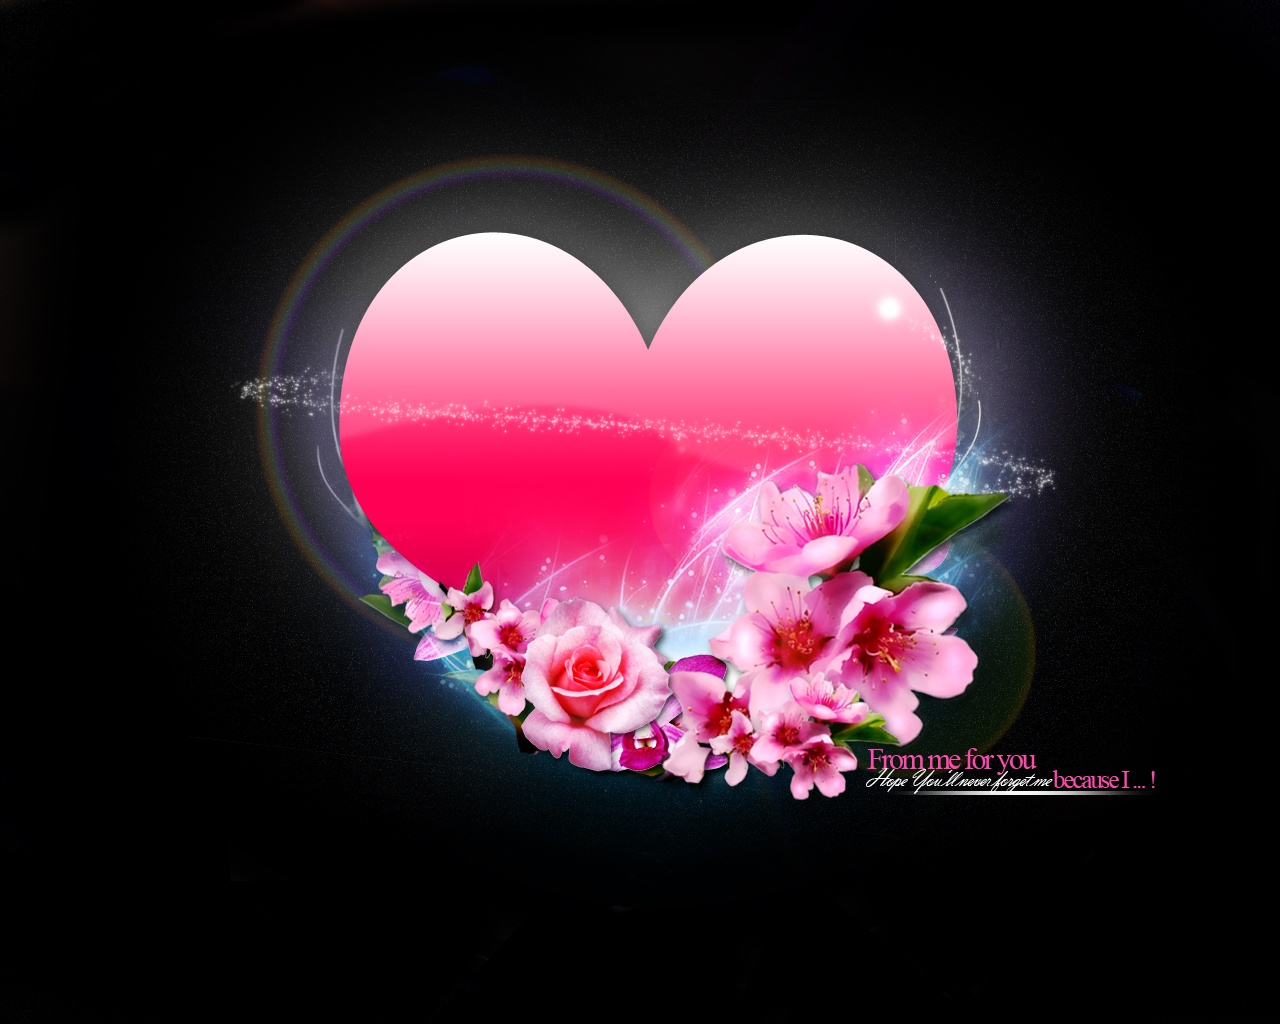 http://1.bp.blogspot.com/-iPfm3CrG4Zs/Ti6GotRC7yI/AAAAAAAABaY/Z_QzzwiQxmc/s1600/Love%20wallpaper%20hd%203.jpg